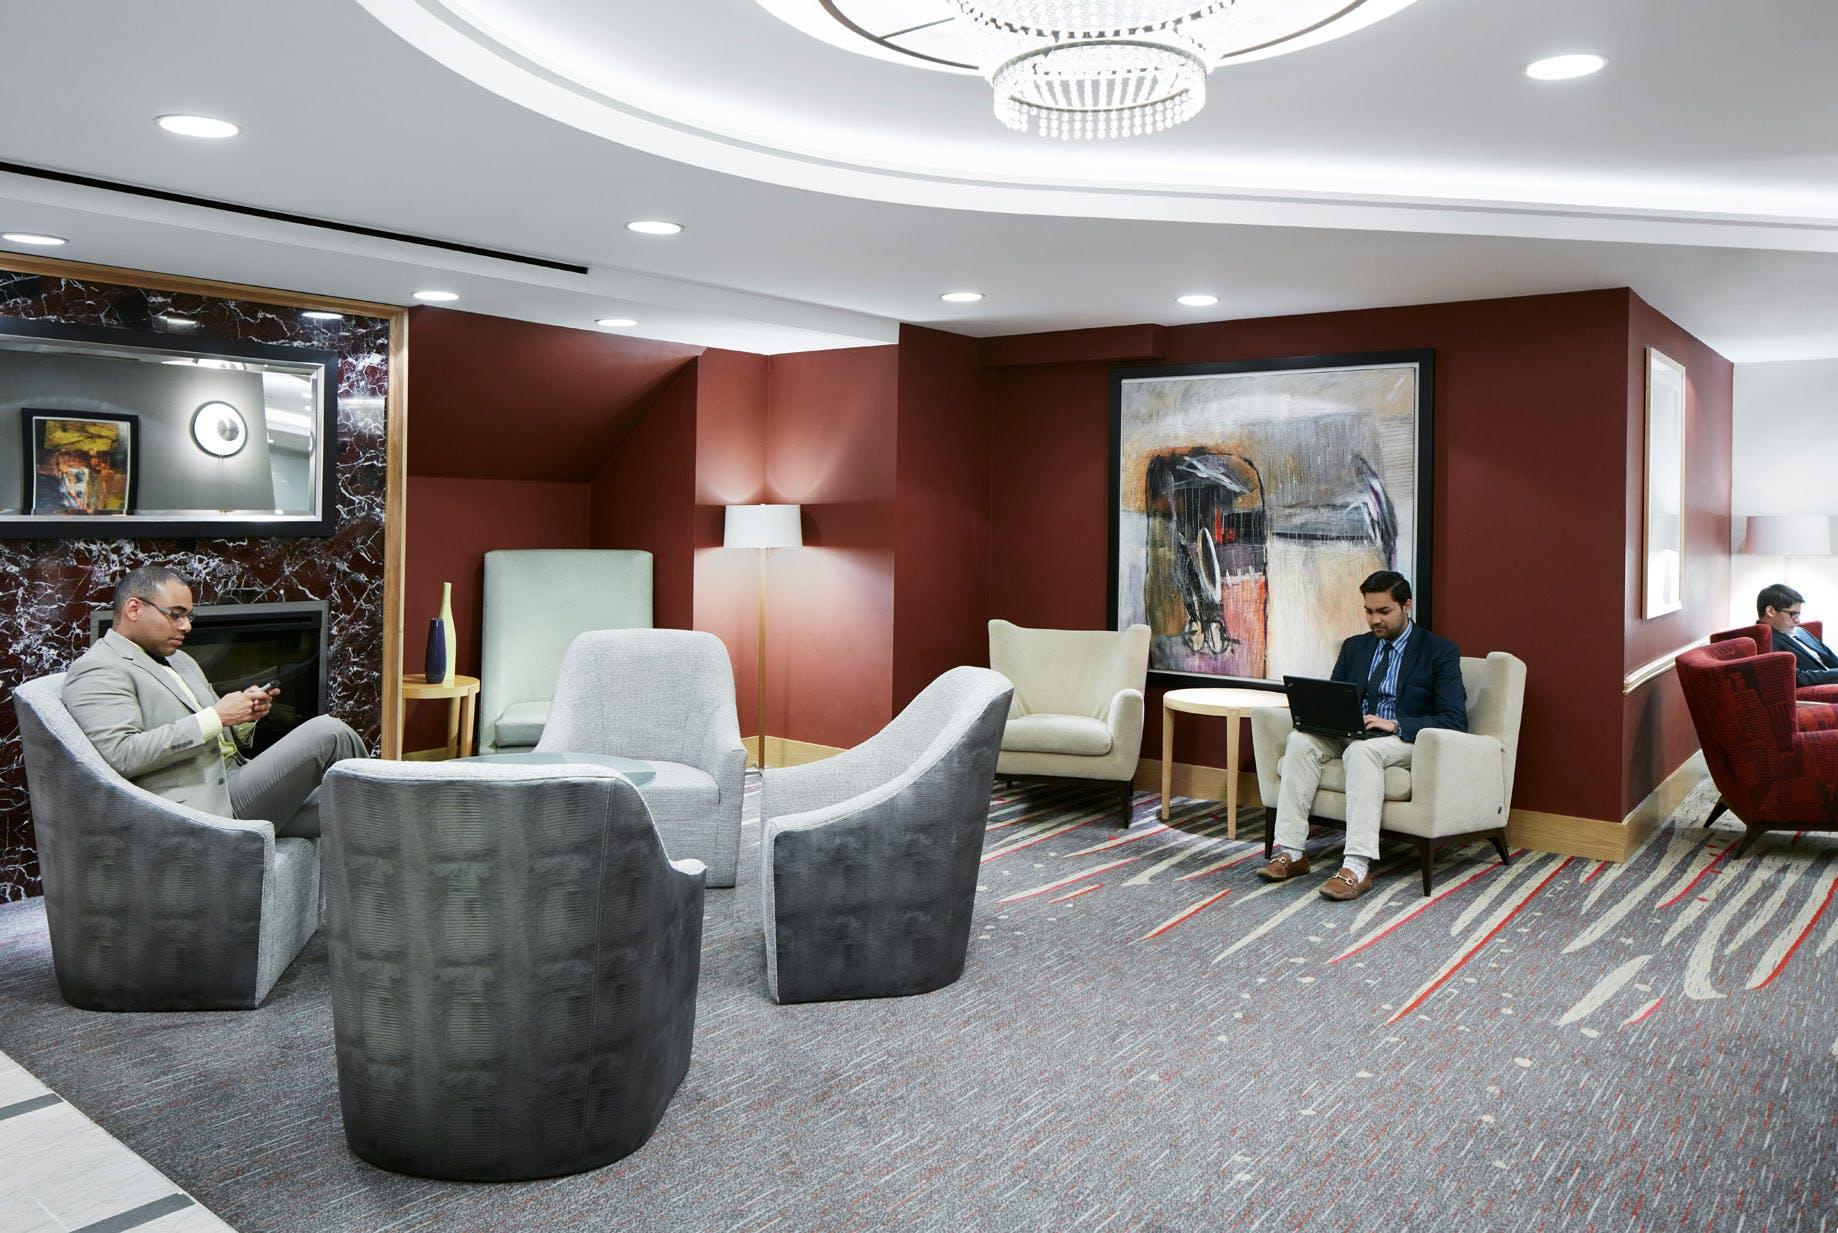 Club Living Room at Club Quarters Hotel, World Trade Center